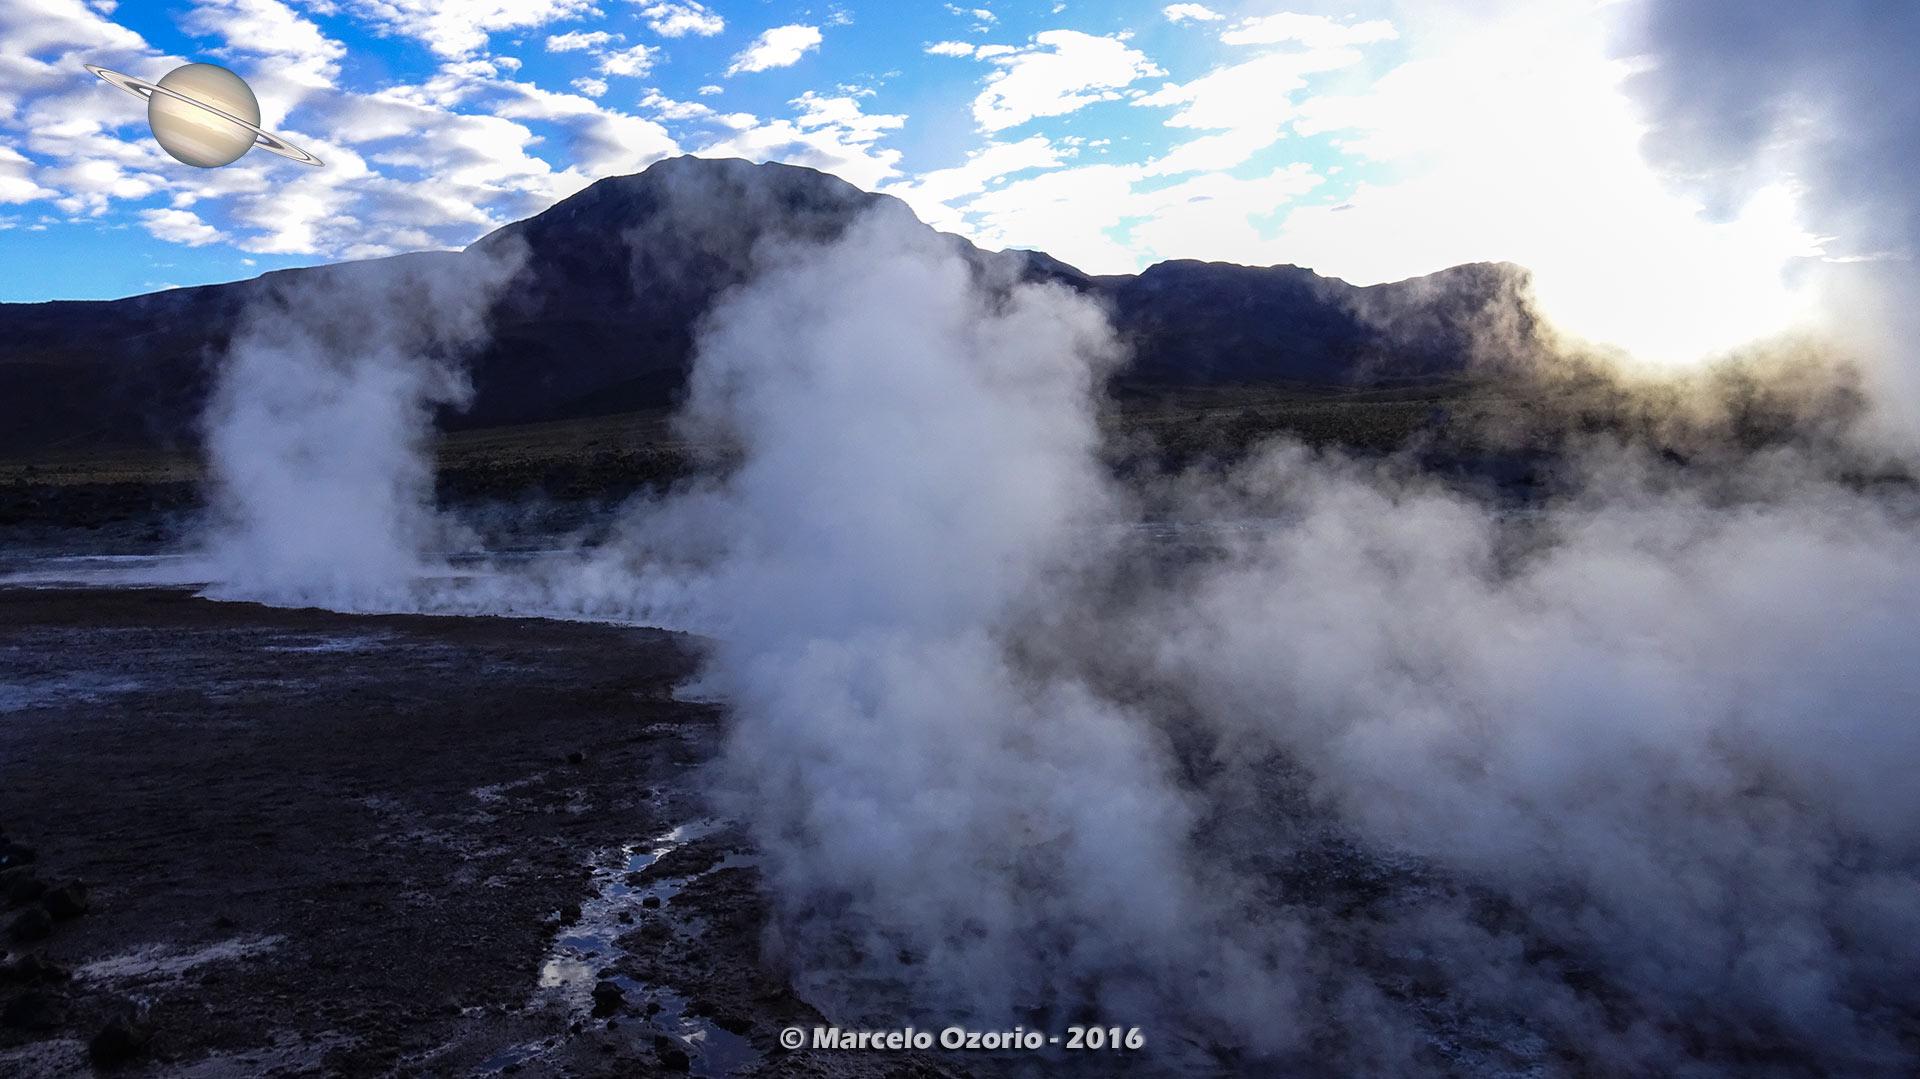 el tatio geysers atacama desert 8 - The Surreal El Tatio Geysers - Atacama Desert - Chile